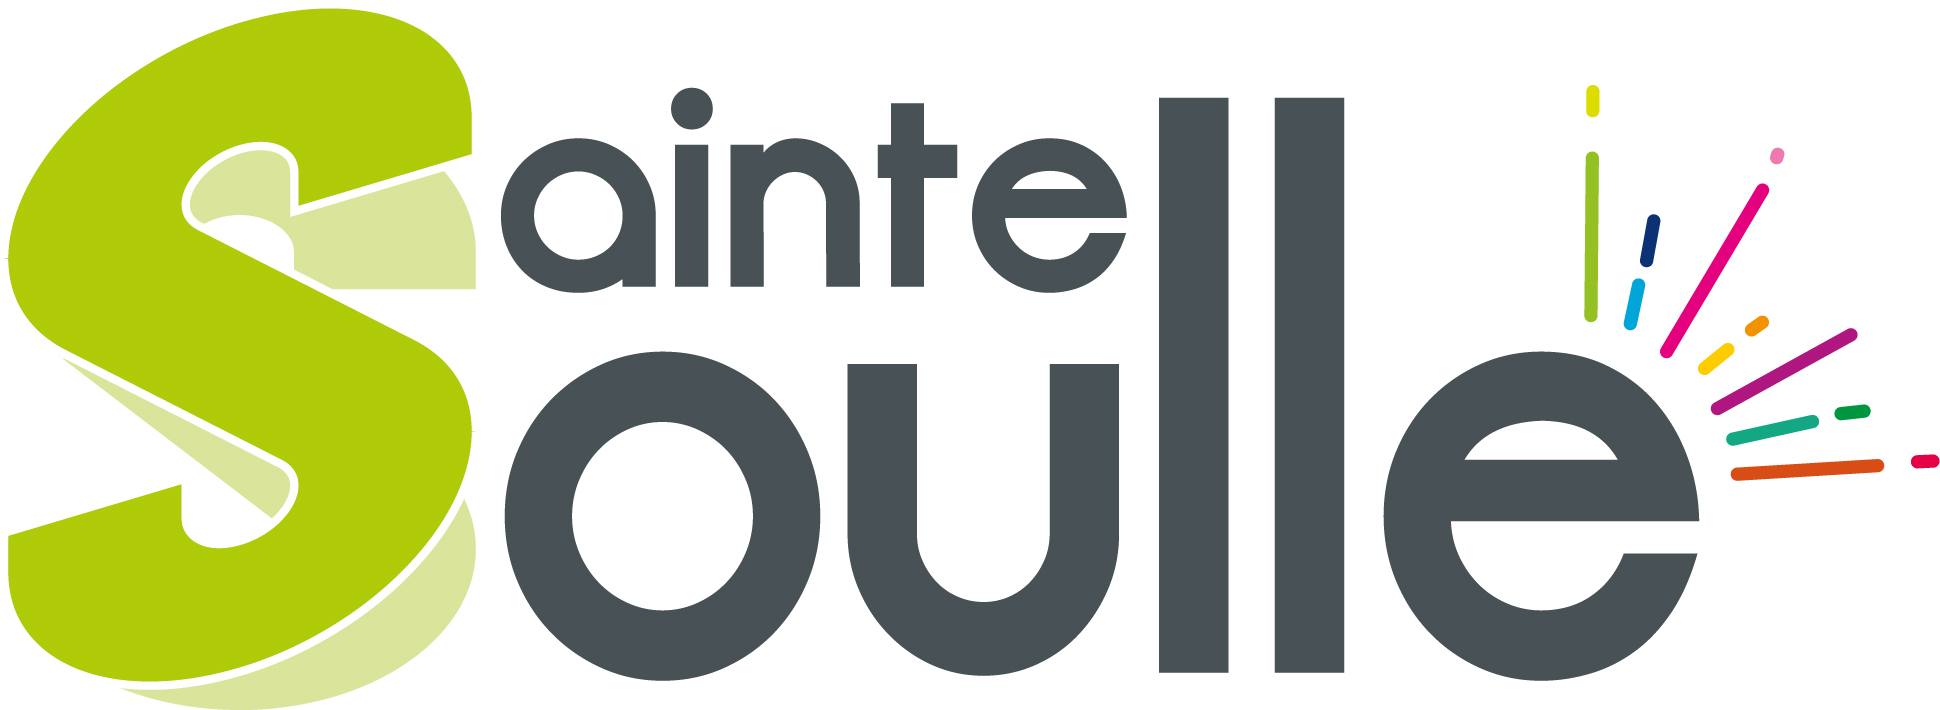 Mairie de Sainte-Soulle